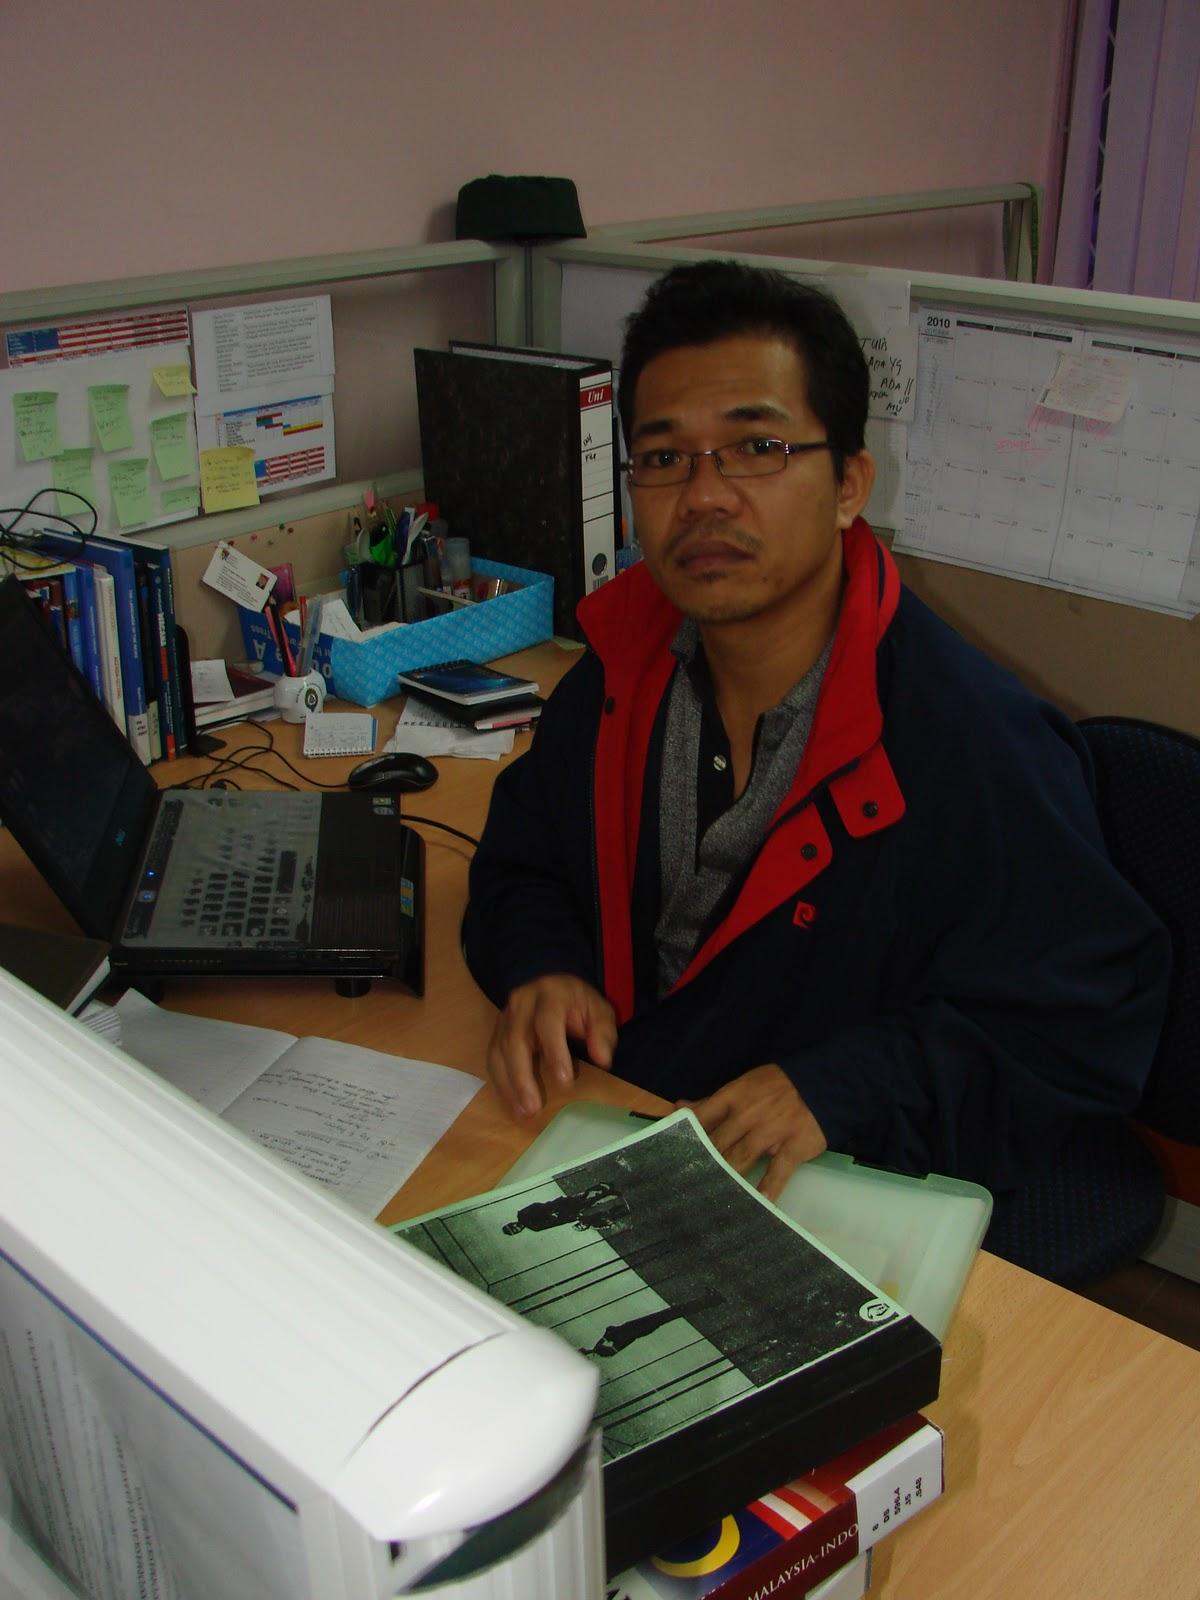 thesis printen en inbinden leuven 3001 leuven 016/38 wij printen en binden jouw eindwerk, thesis diensten eindwerken gip thesis wij verzorgen het printen en het inbinden van uw eindwerk.